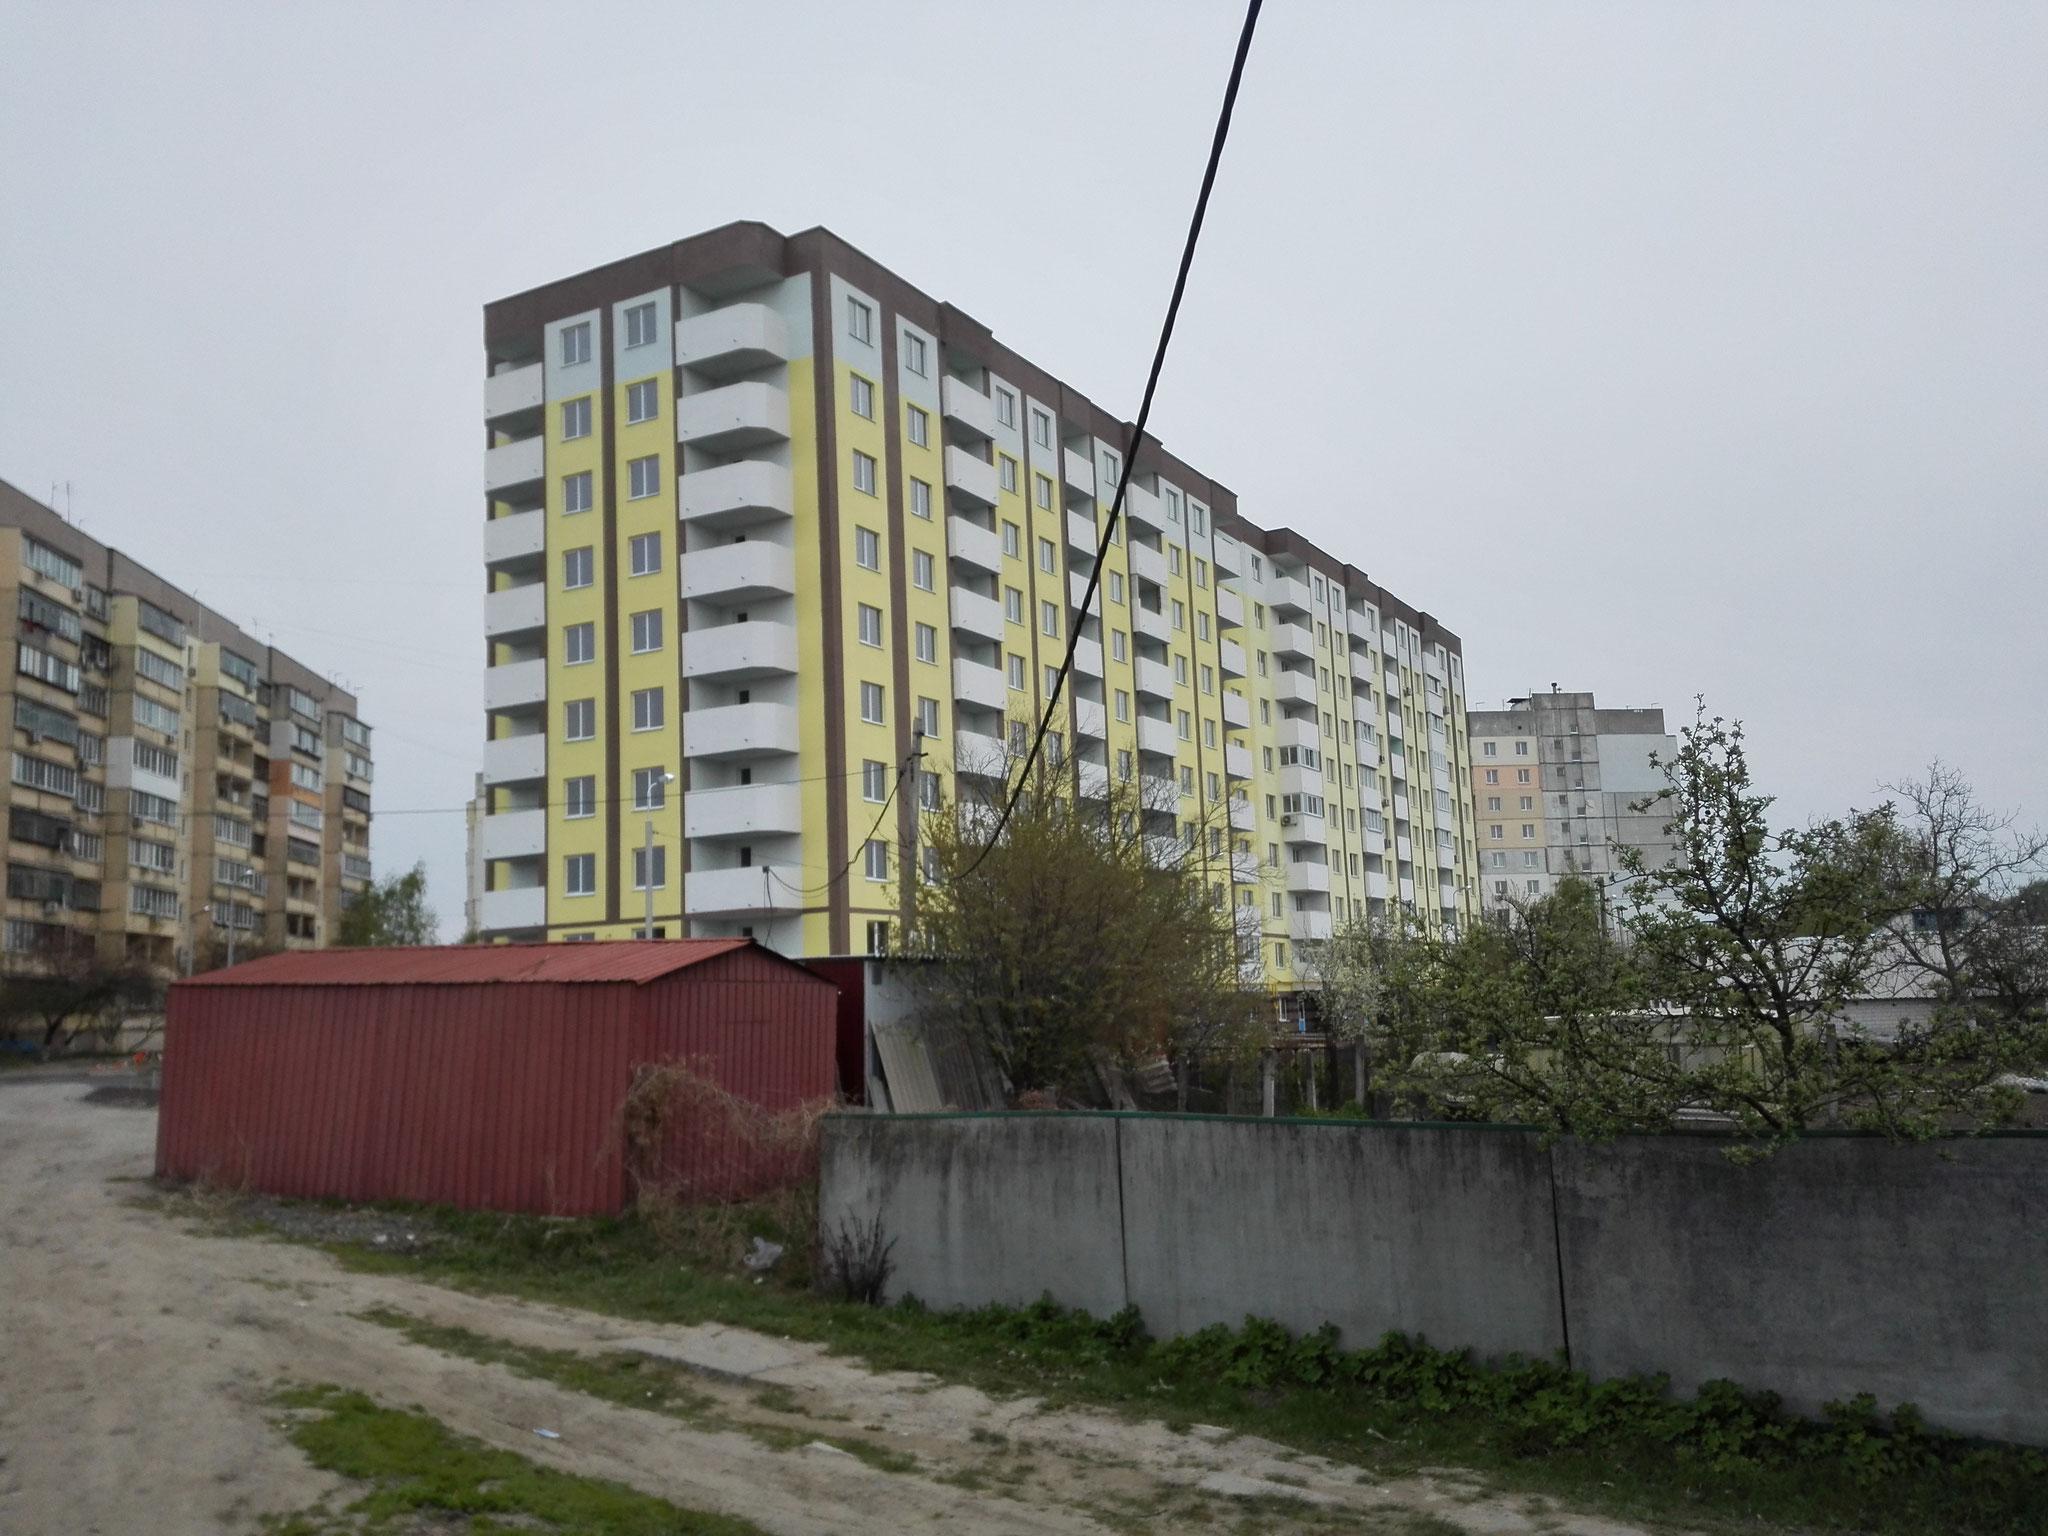 """Житловий комплекс """"Банківський"""" з офісними приміщеннями, в м. Бориспіль вул. Банківська, 32 (нове будівництво)"""